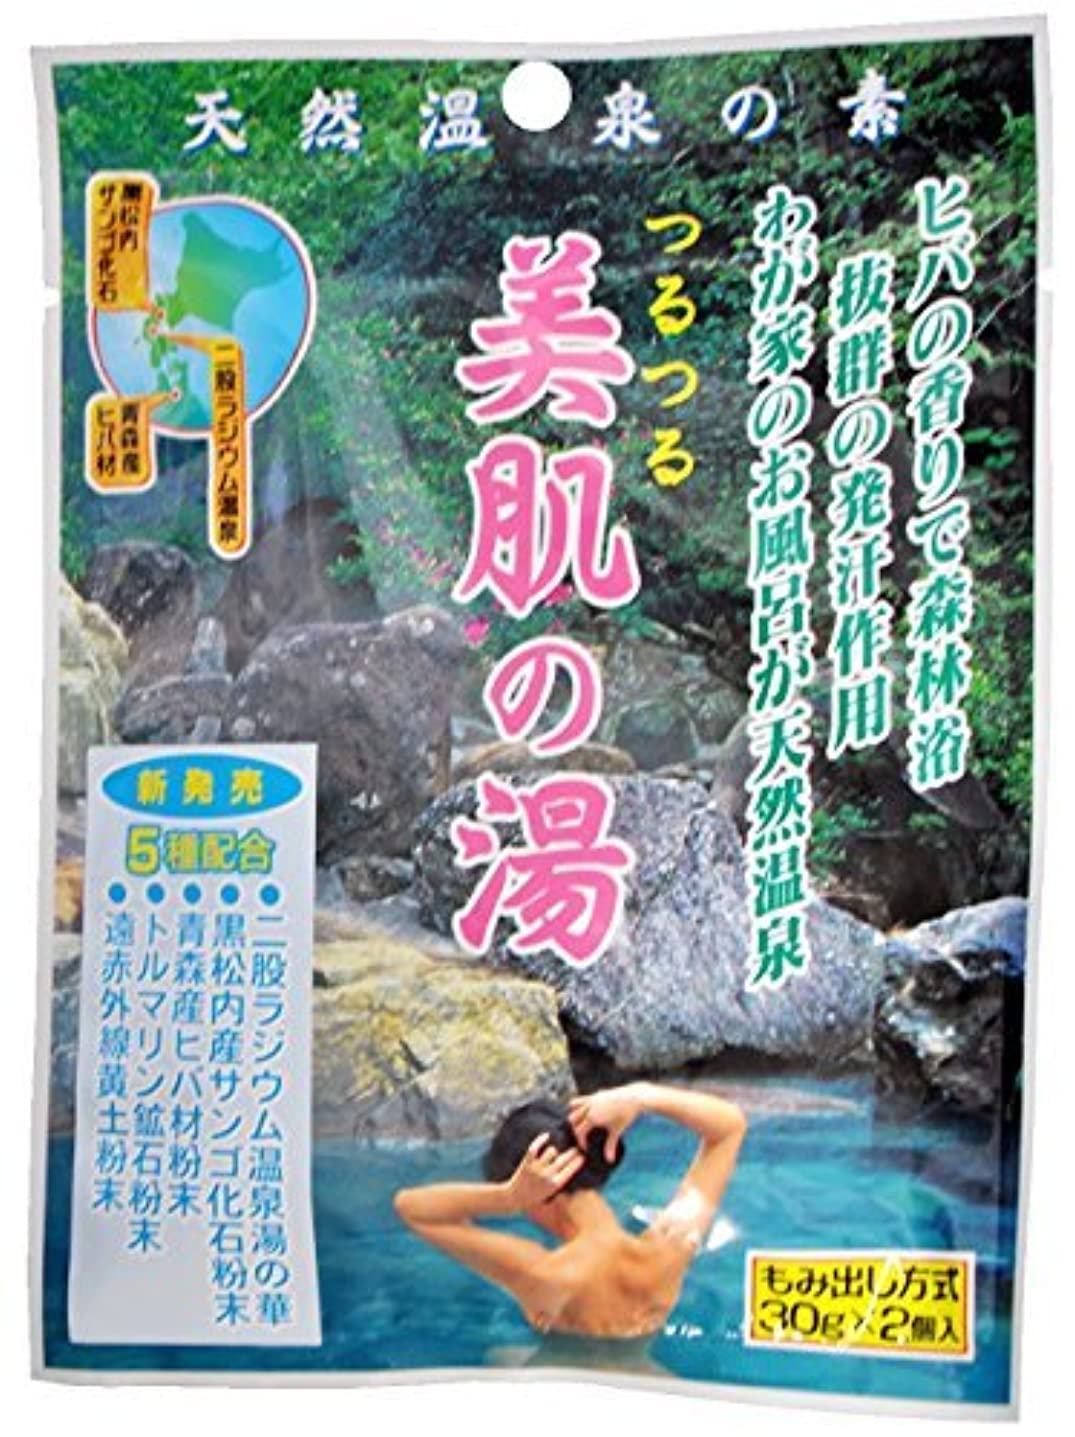 連鎖陰気キャンプ【まとめ買い】天然成分入浴剤 つるつる 美肌の湯 2袋入 二股ラジウム温泉の湯の華 ×20個